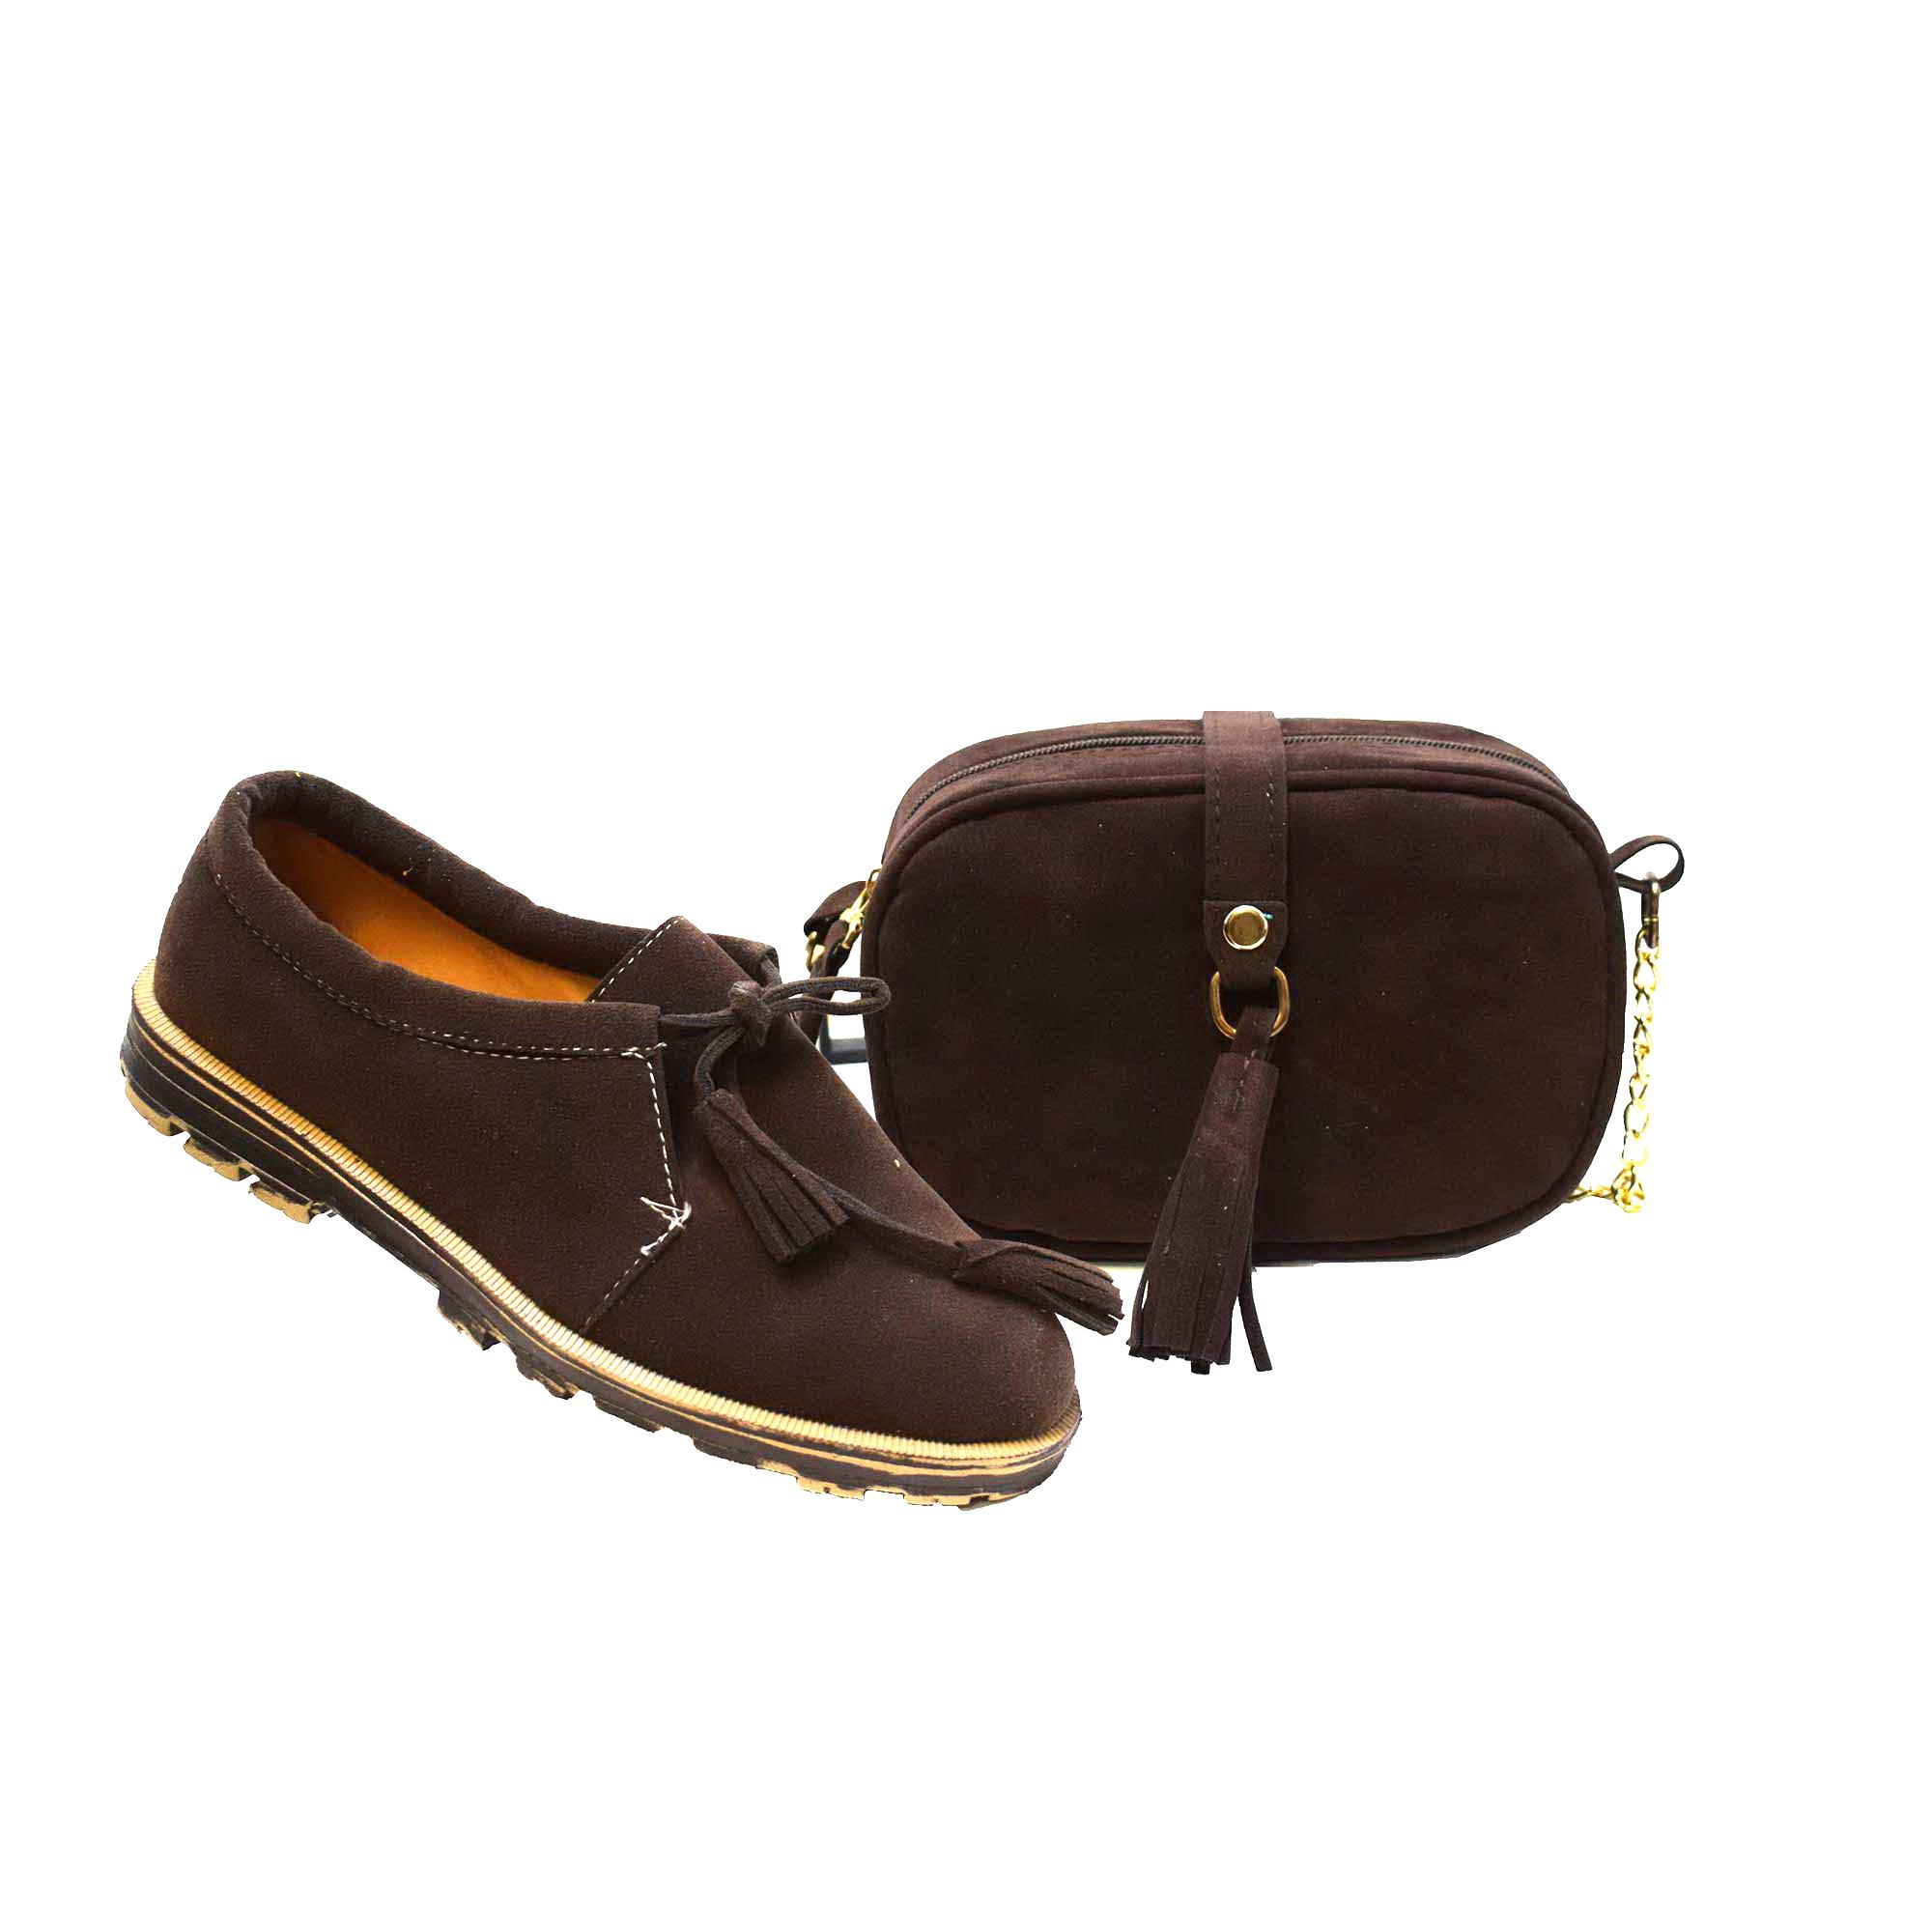 ست کیف و کفش زنانه آذاردو کد SE03011